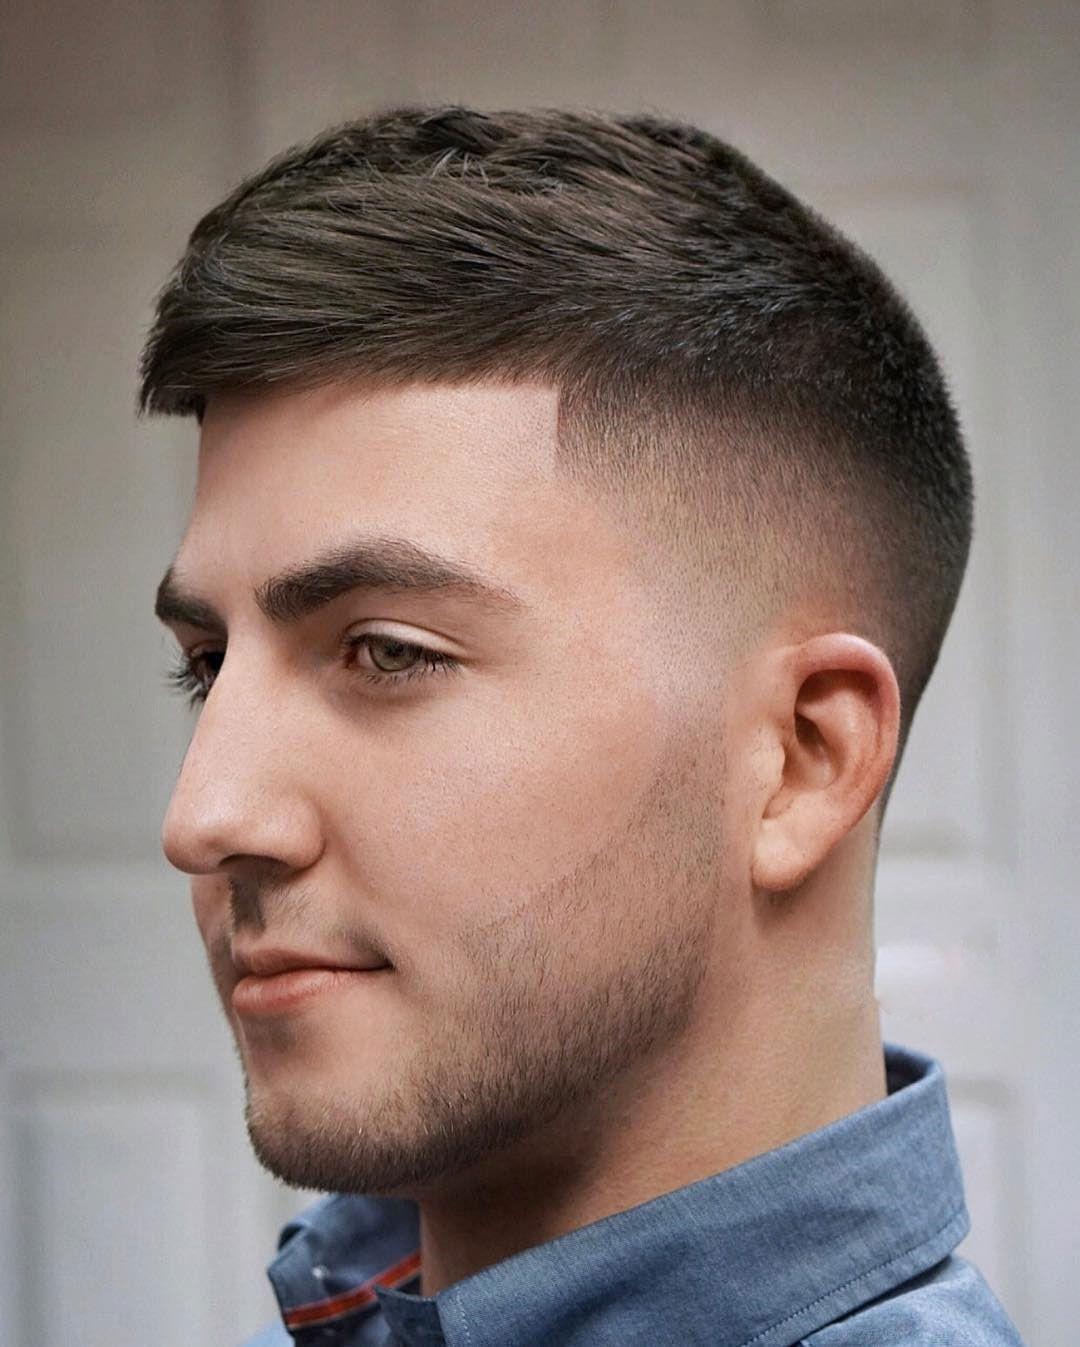 Pin By Galerieenn On Hair Mens Haircuts Fade Mens Haircuts Short Men Haircut Styles